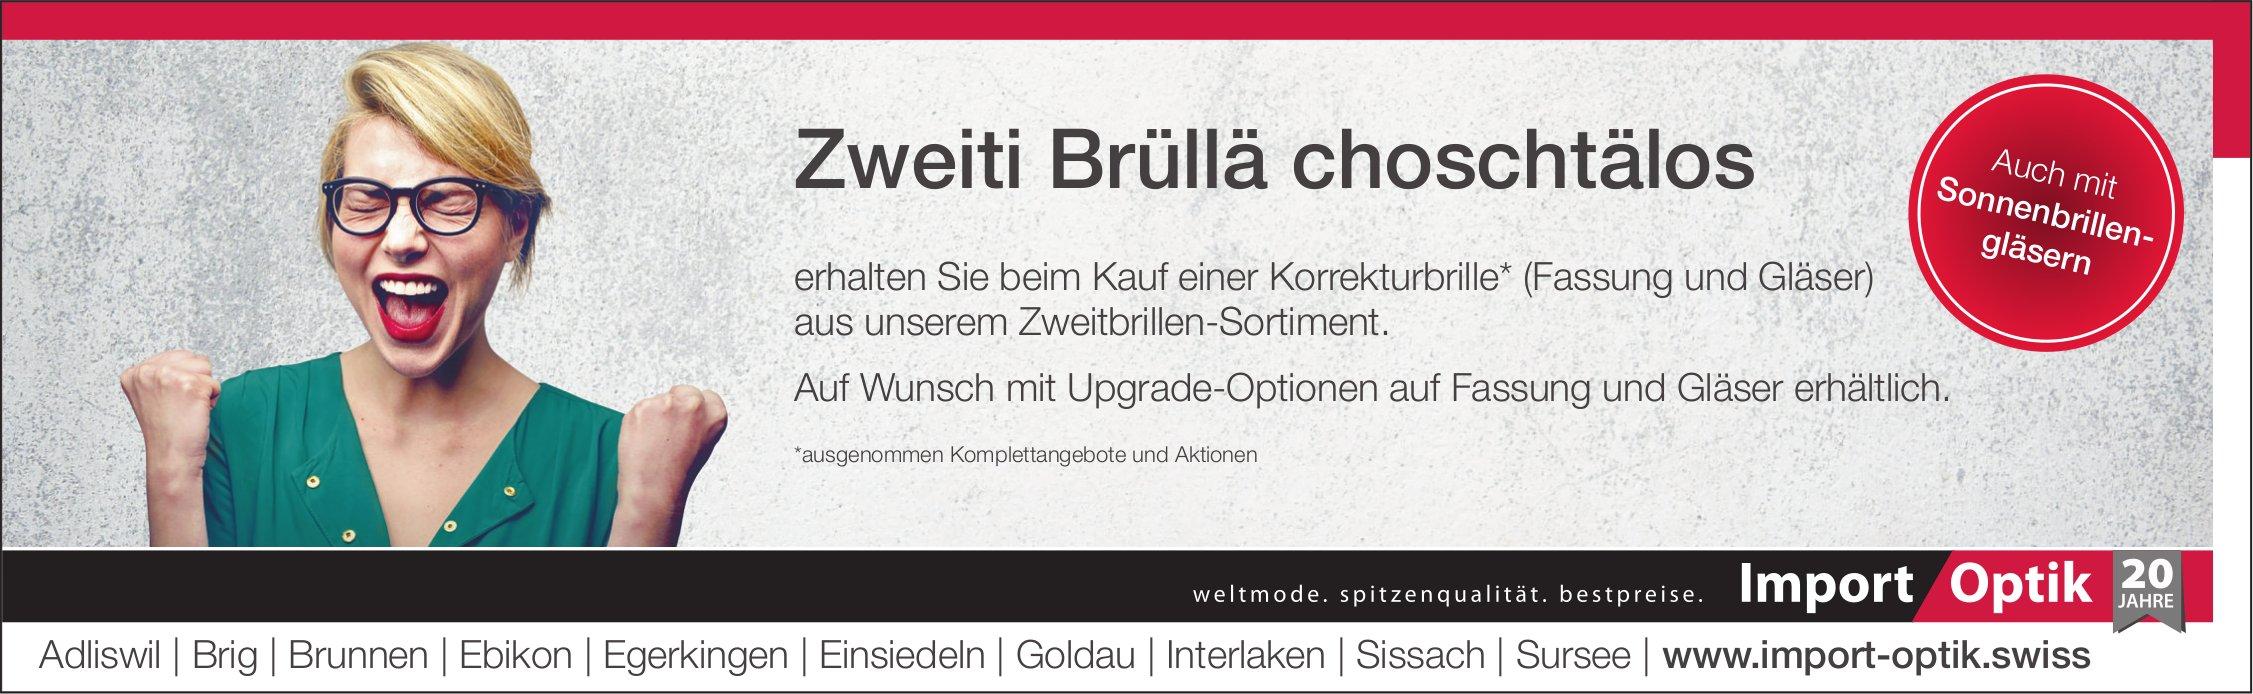 Zweiti Brüllä choschtälos, Import Optik